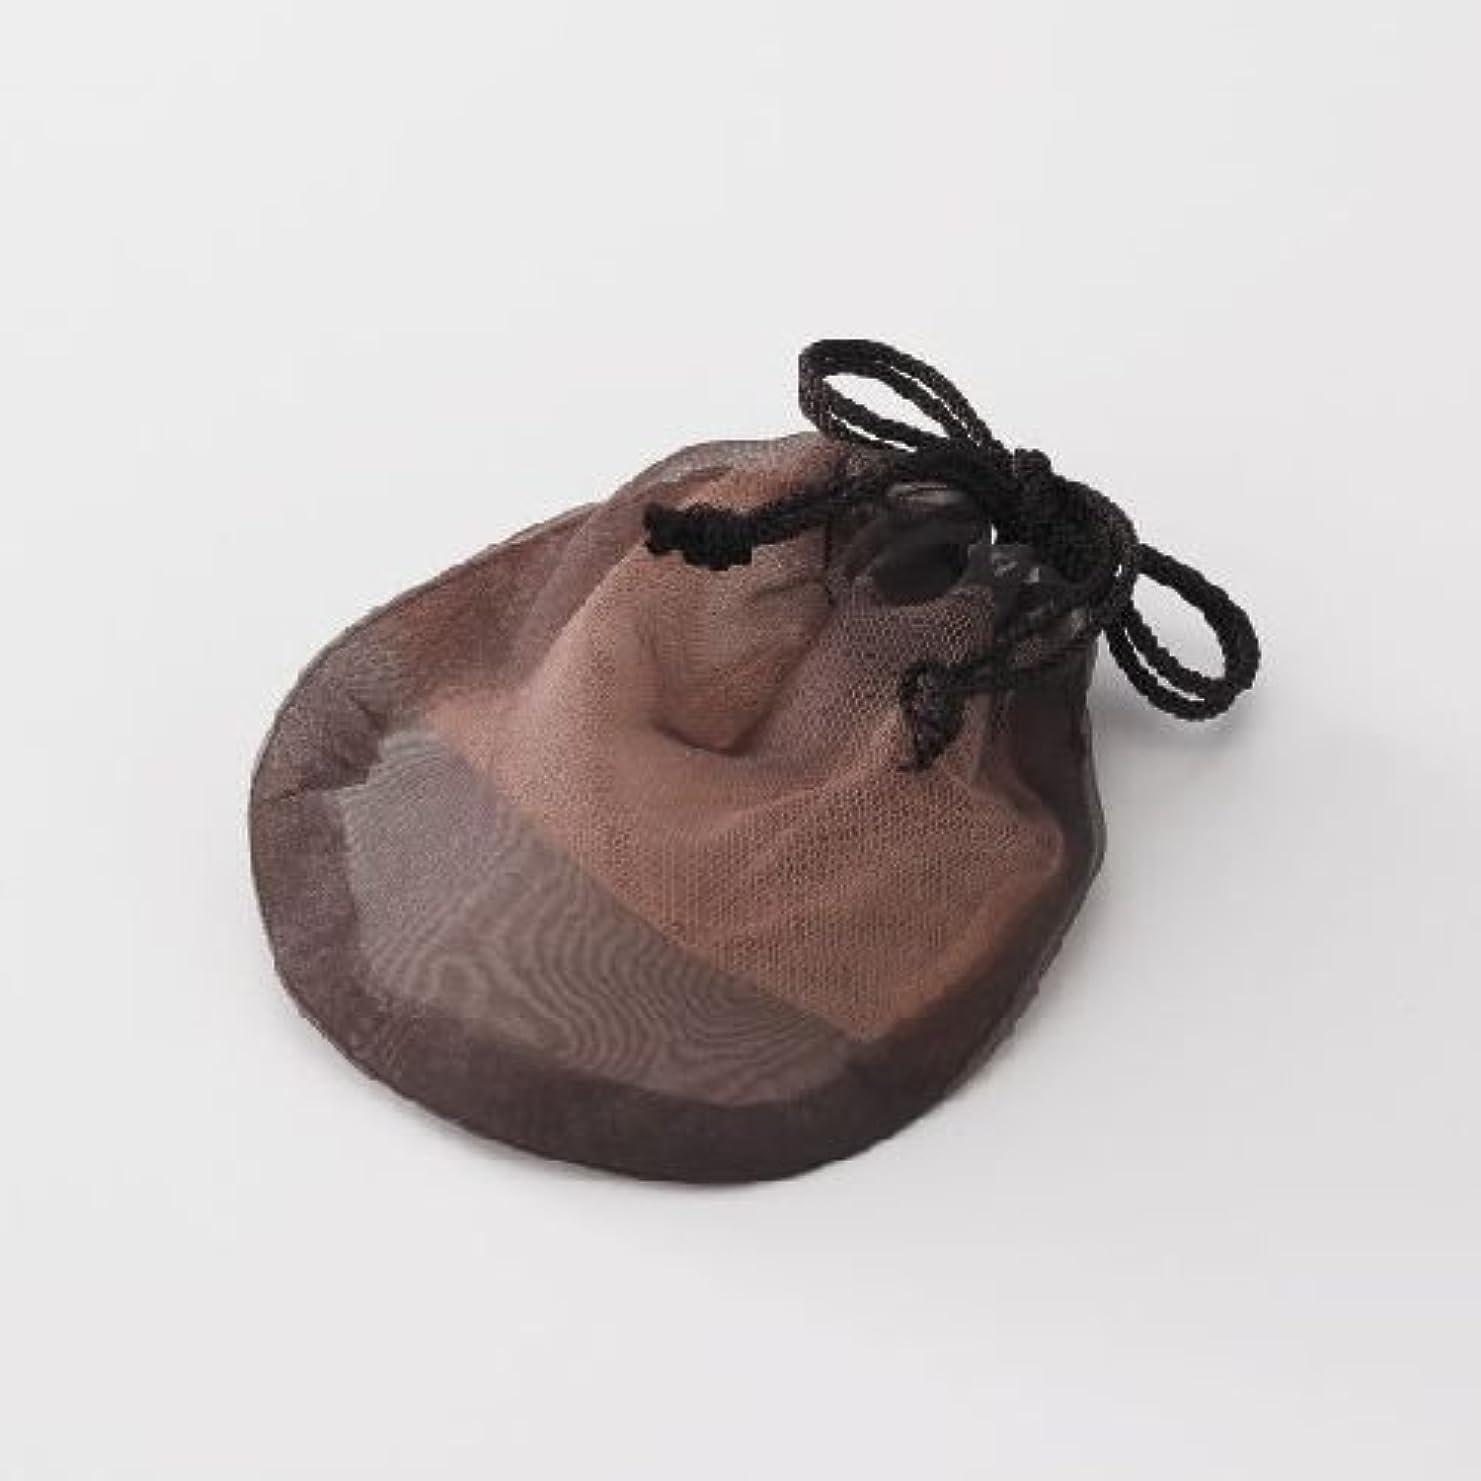 ソビエト争うシーケンスピギーバックス ソープネット 瞬時にマシュマロのようなお肌に負担をかけないキメ細かな泡をつくることができるオシャレなポーチ型オリジナル【泡だてネット】!衛生的に固形石鹸の保存もできます。